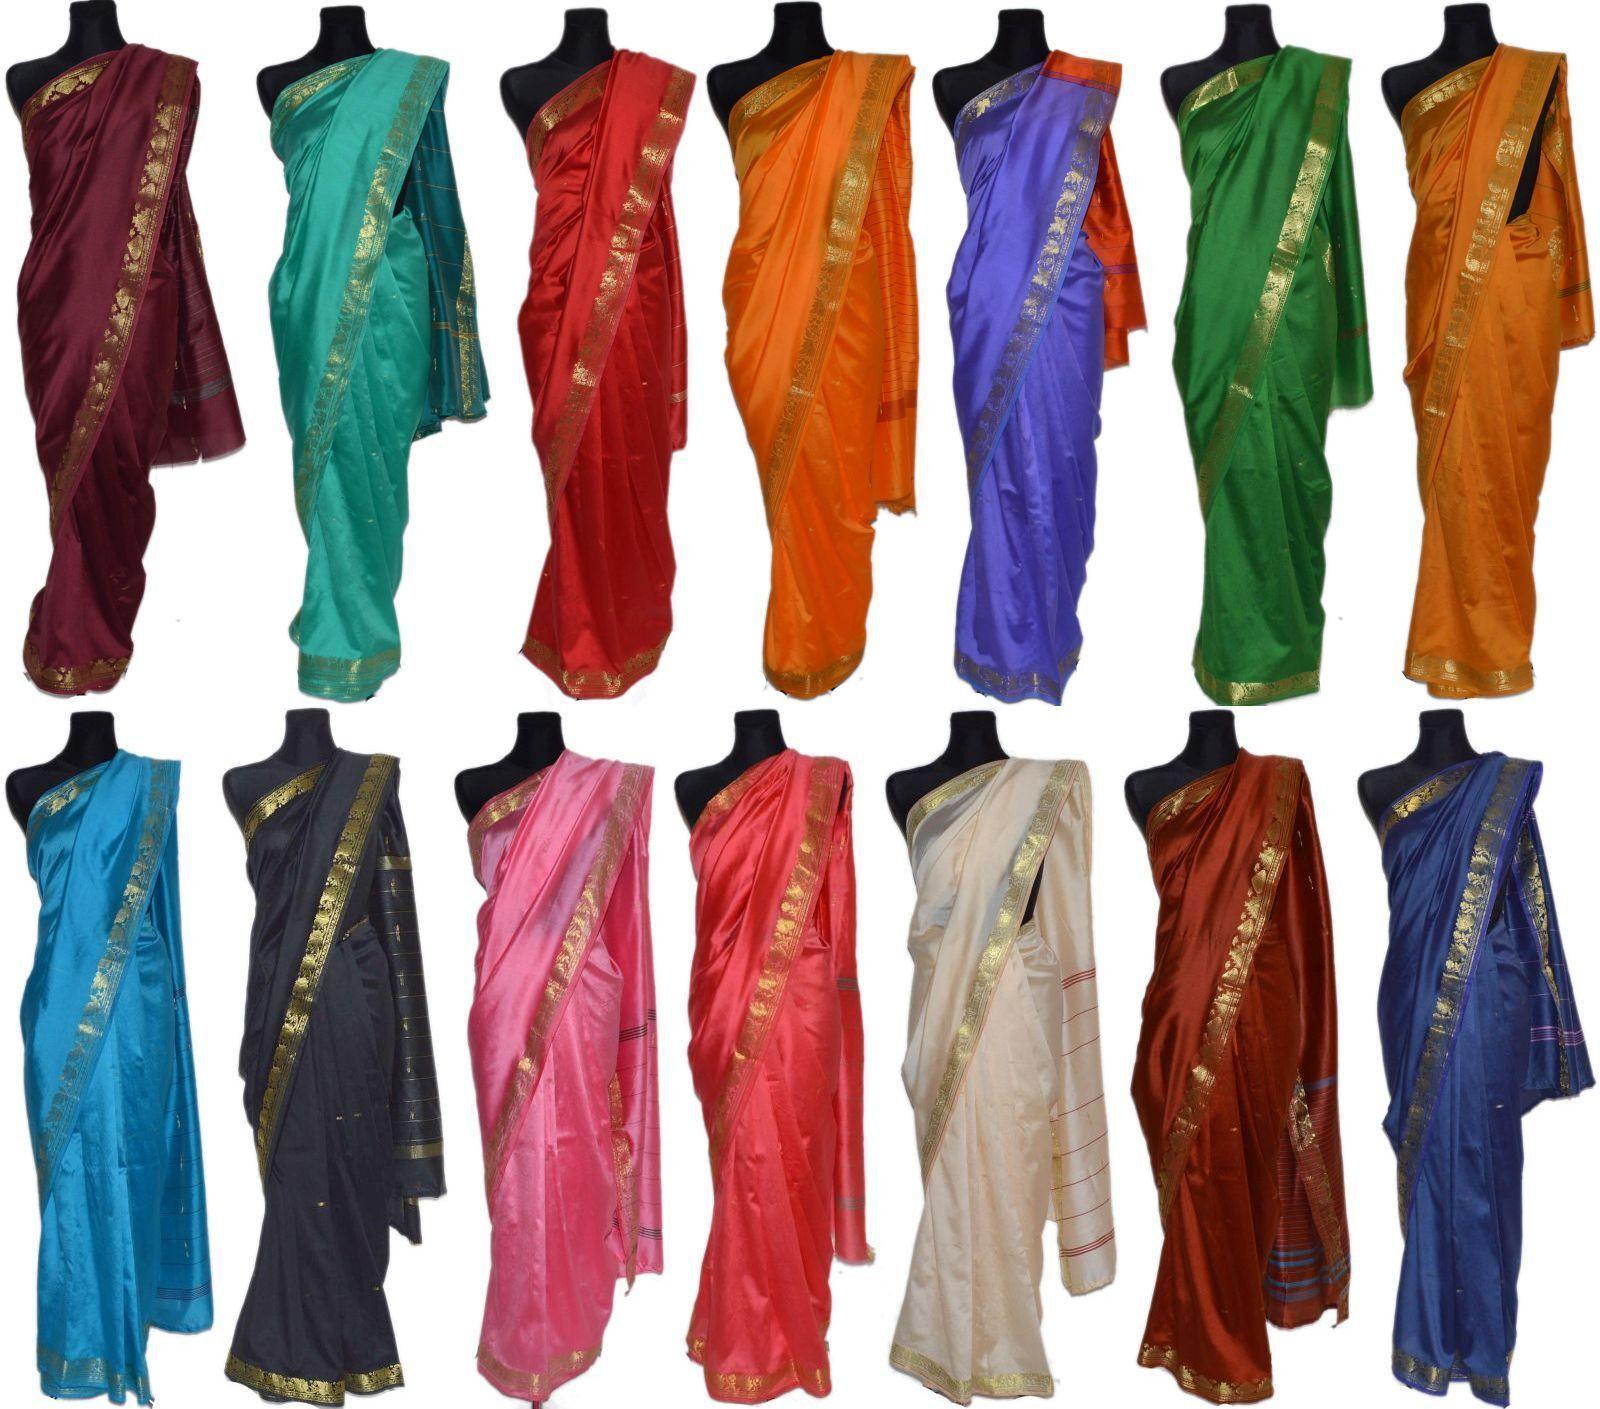 Sari Saree Kleider Indien Hochzeit Orientalisch Karneval Brokat Bollywood Orient